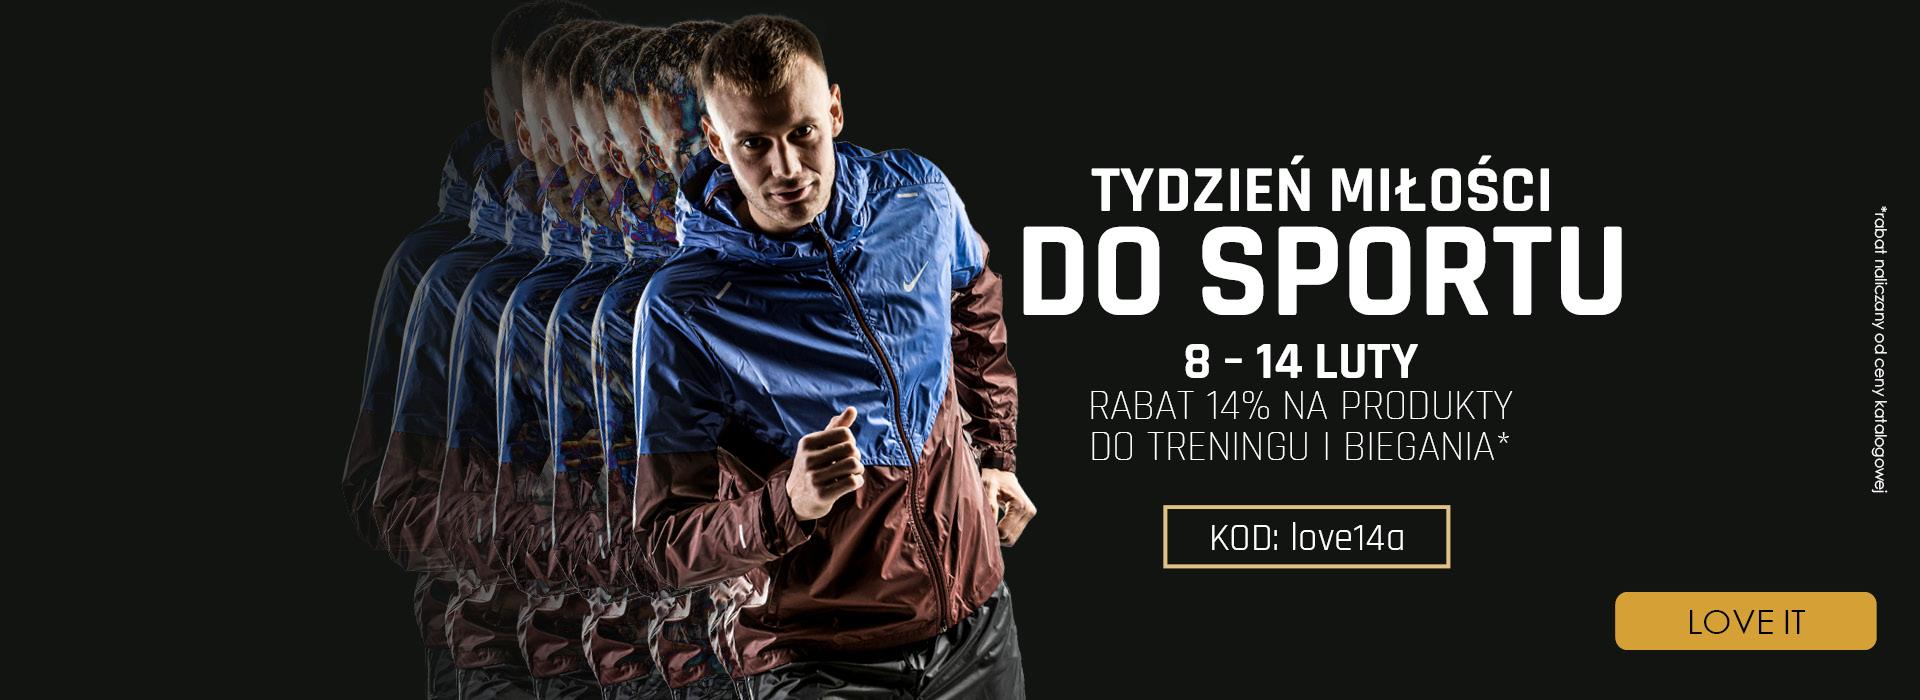 Adrenaline: Tydzień Miłości do Sportu 14% rabatu na produkty do treningu i biegania